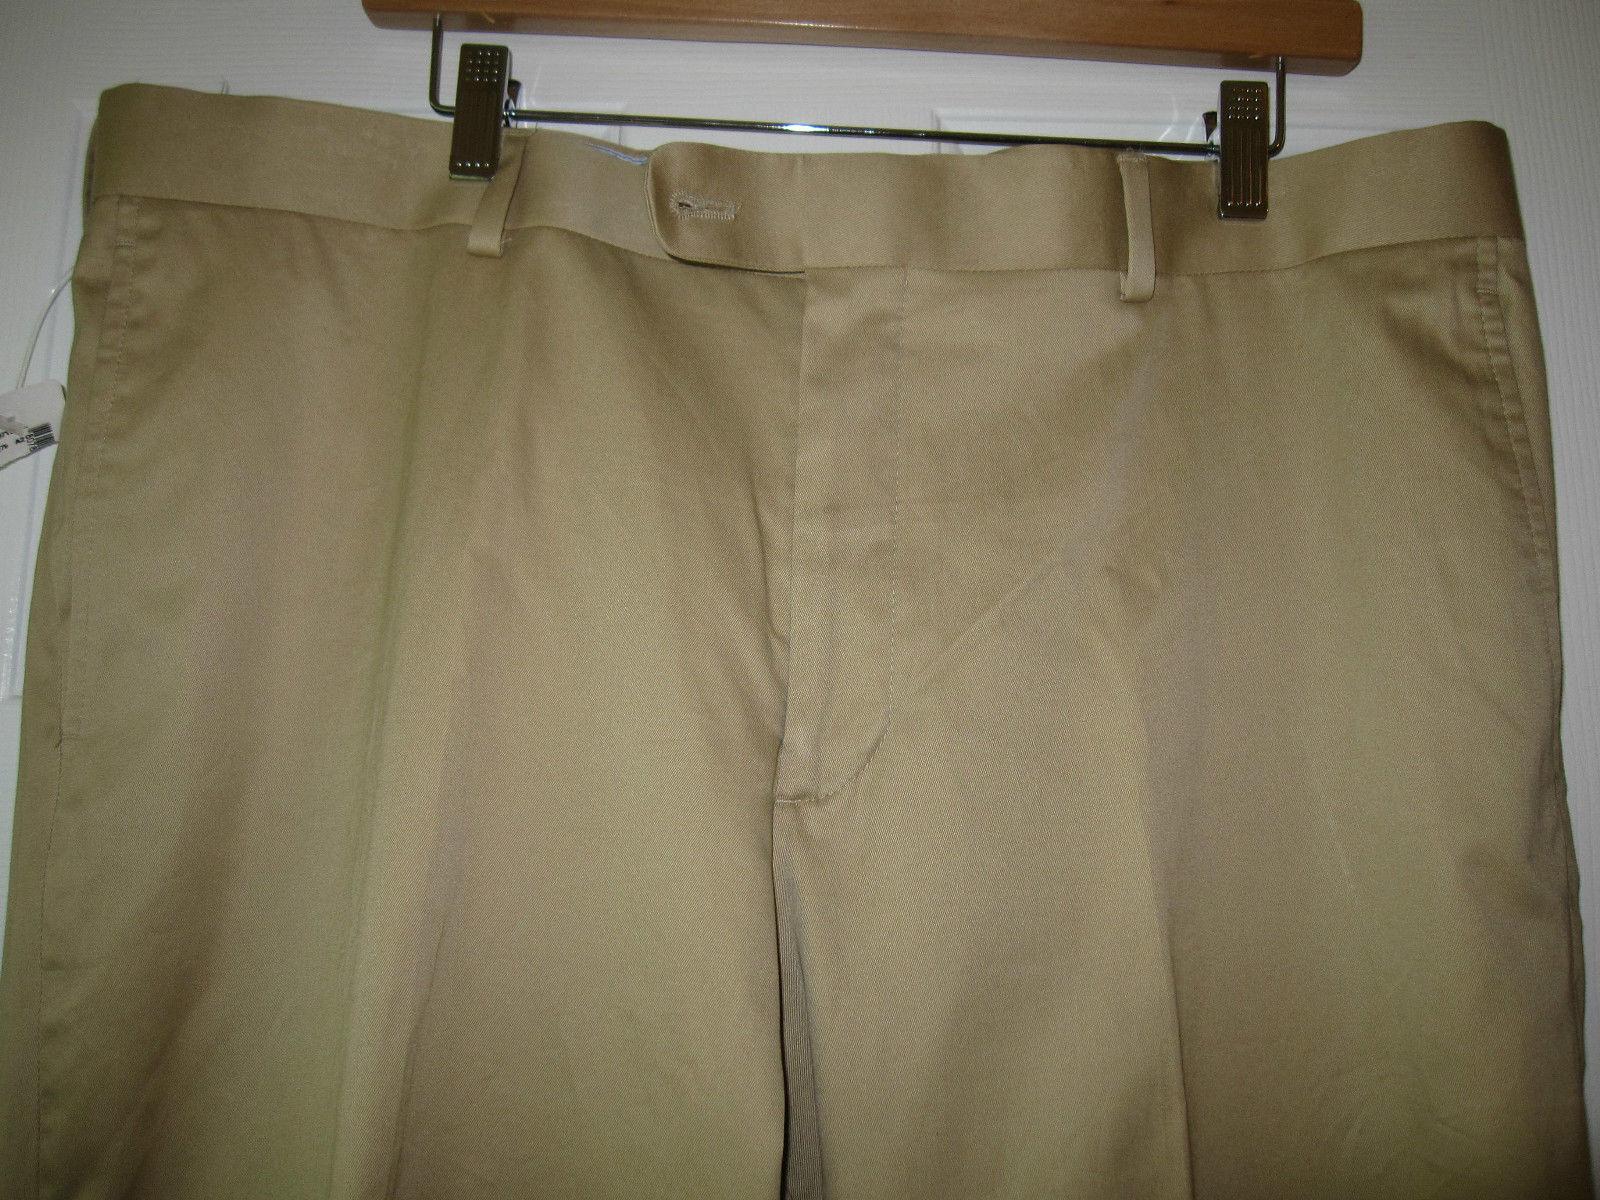 Nuevo Saks Fifth Avenue 100% Algodón  Pantalones para hombre Talla 40 R  mejor precio